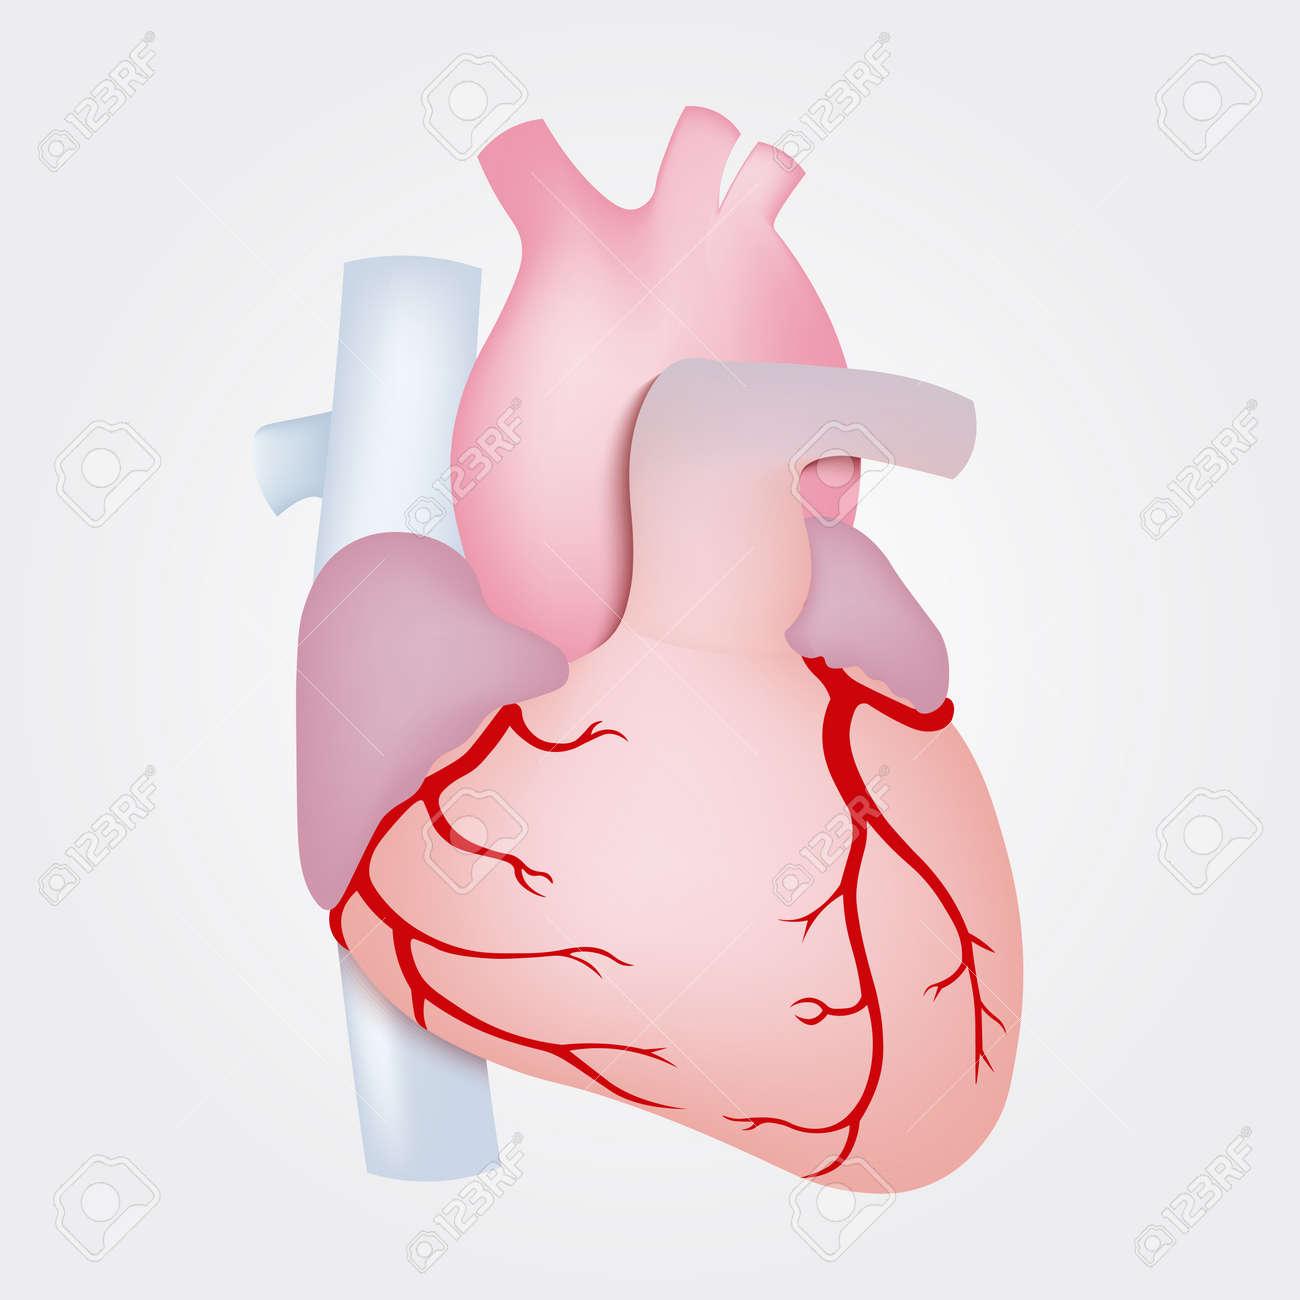 Anatomía Del Corazón Humano Aislado Sobre Fondo Blanco ...